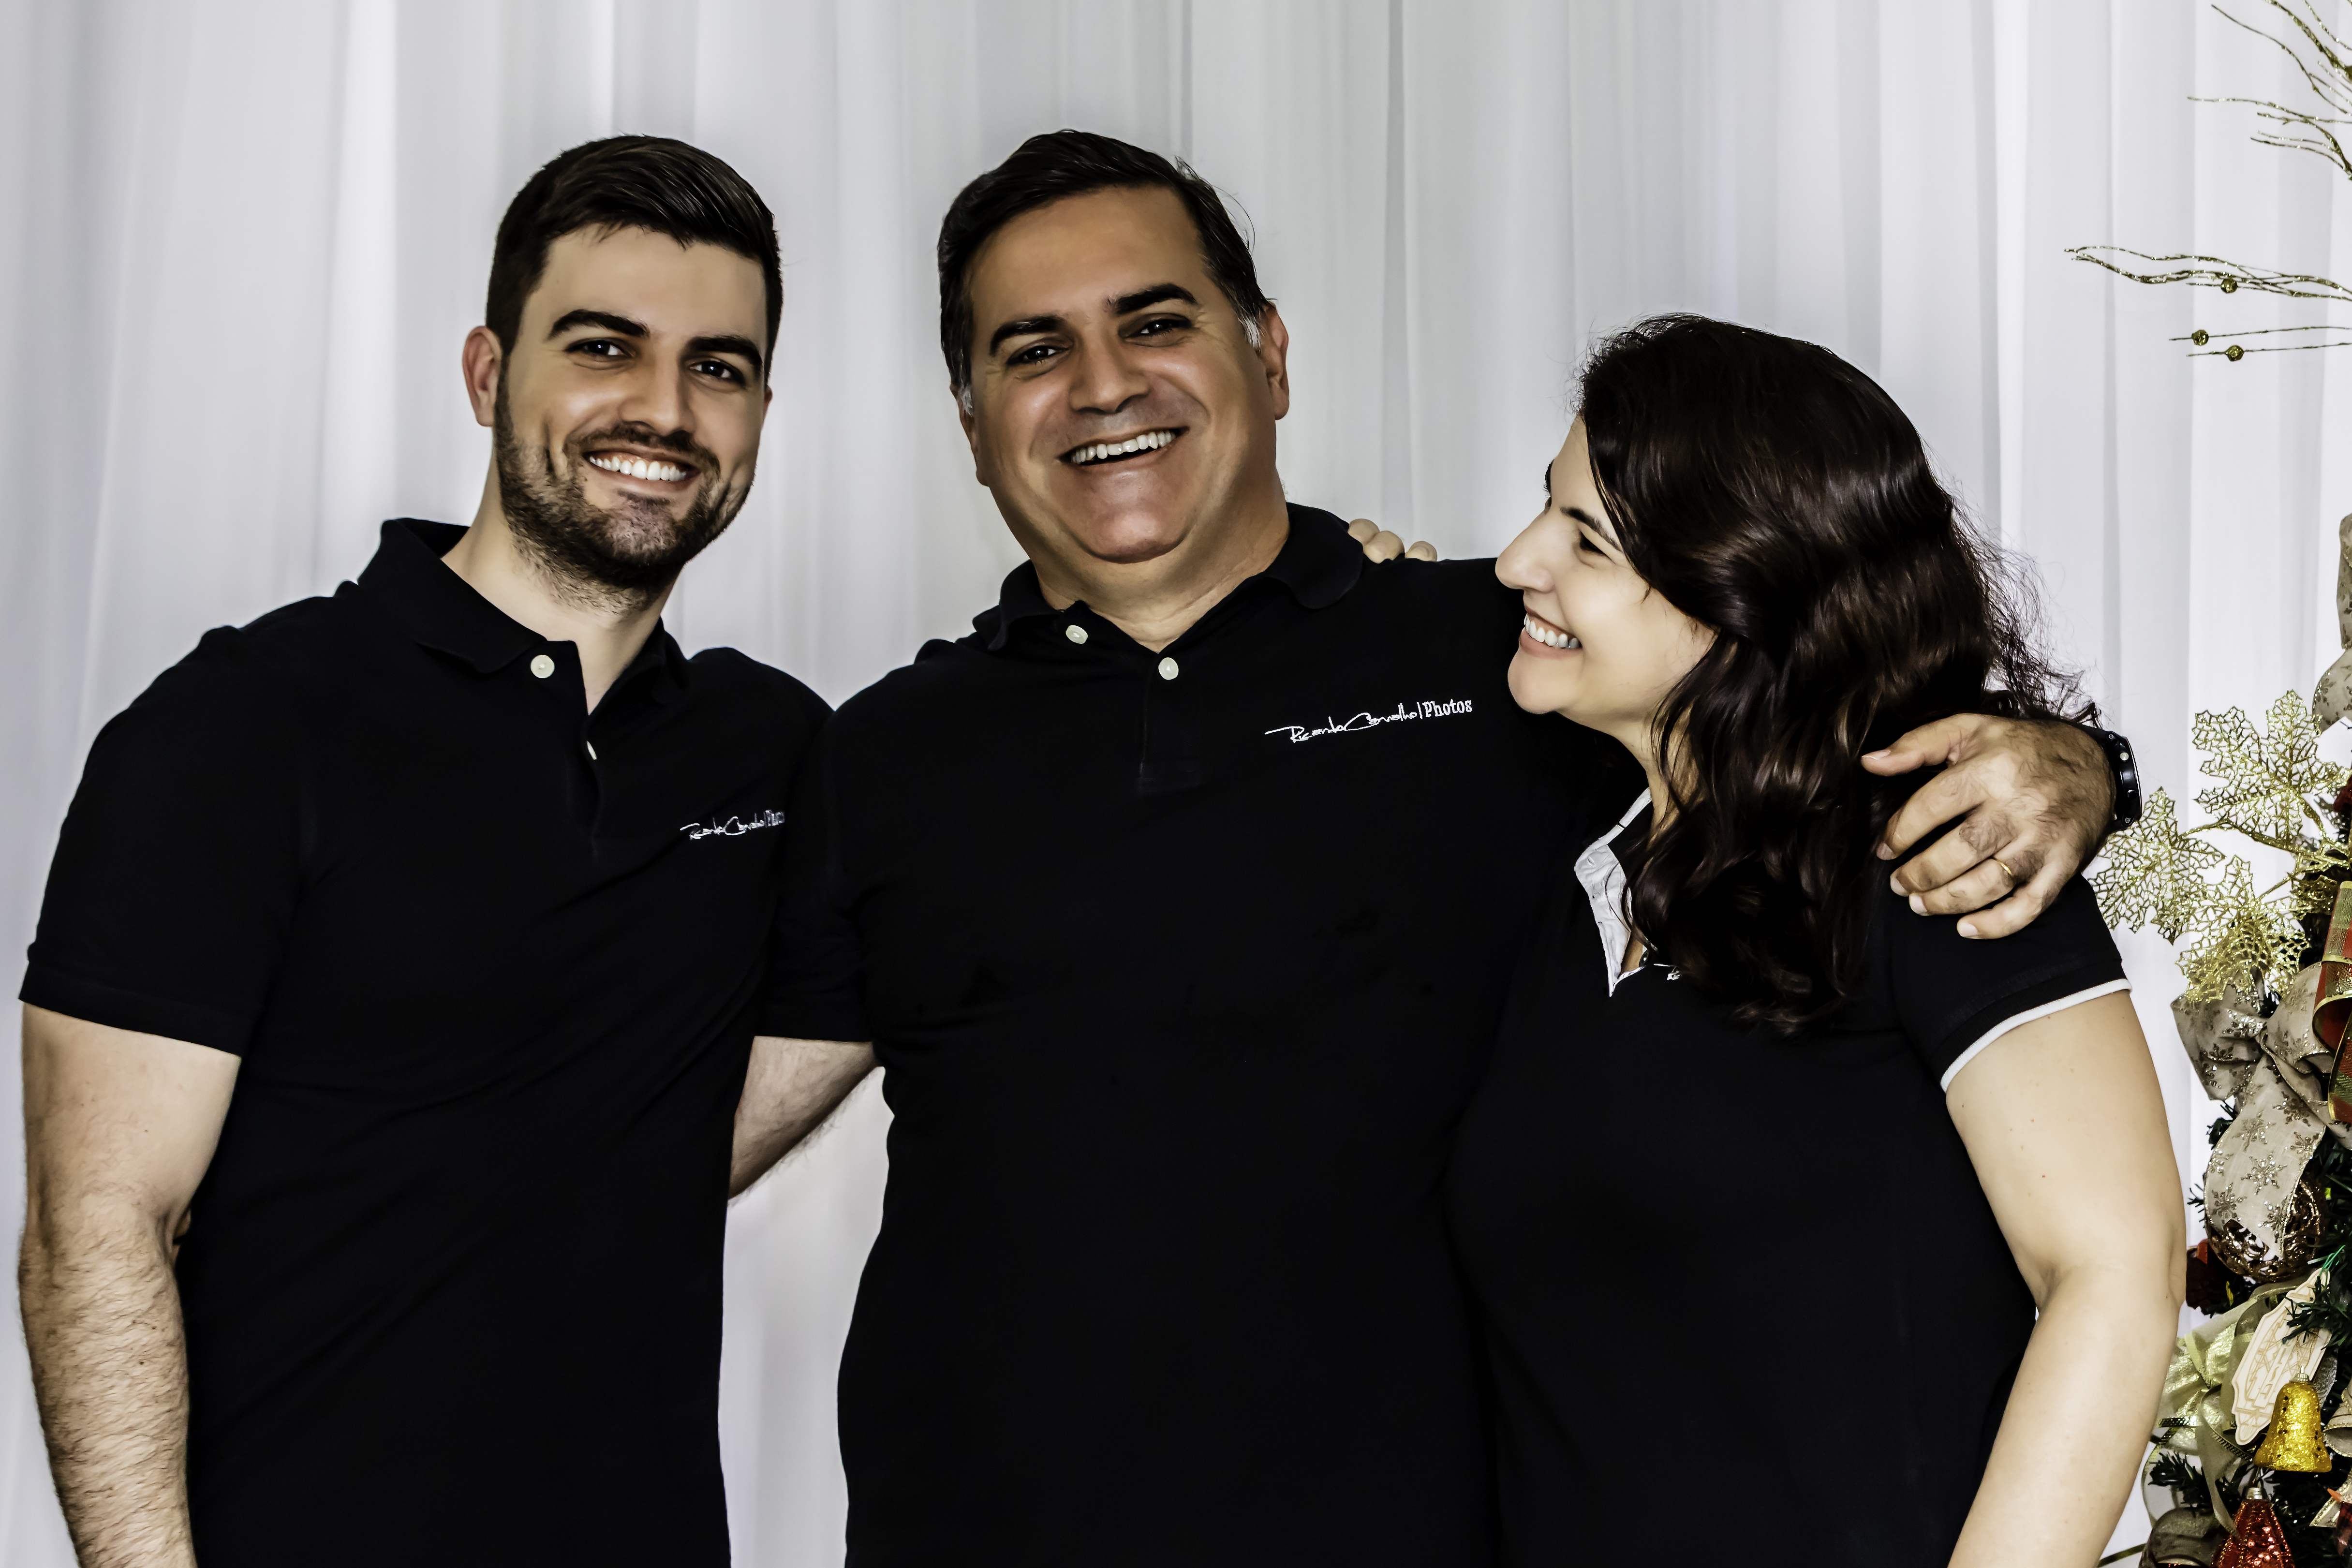 Contate Ricardo Carvalho Photos Fotógrafo de Família e Casamento Aracaju